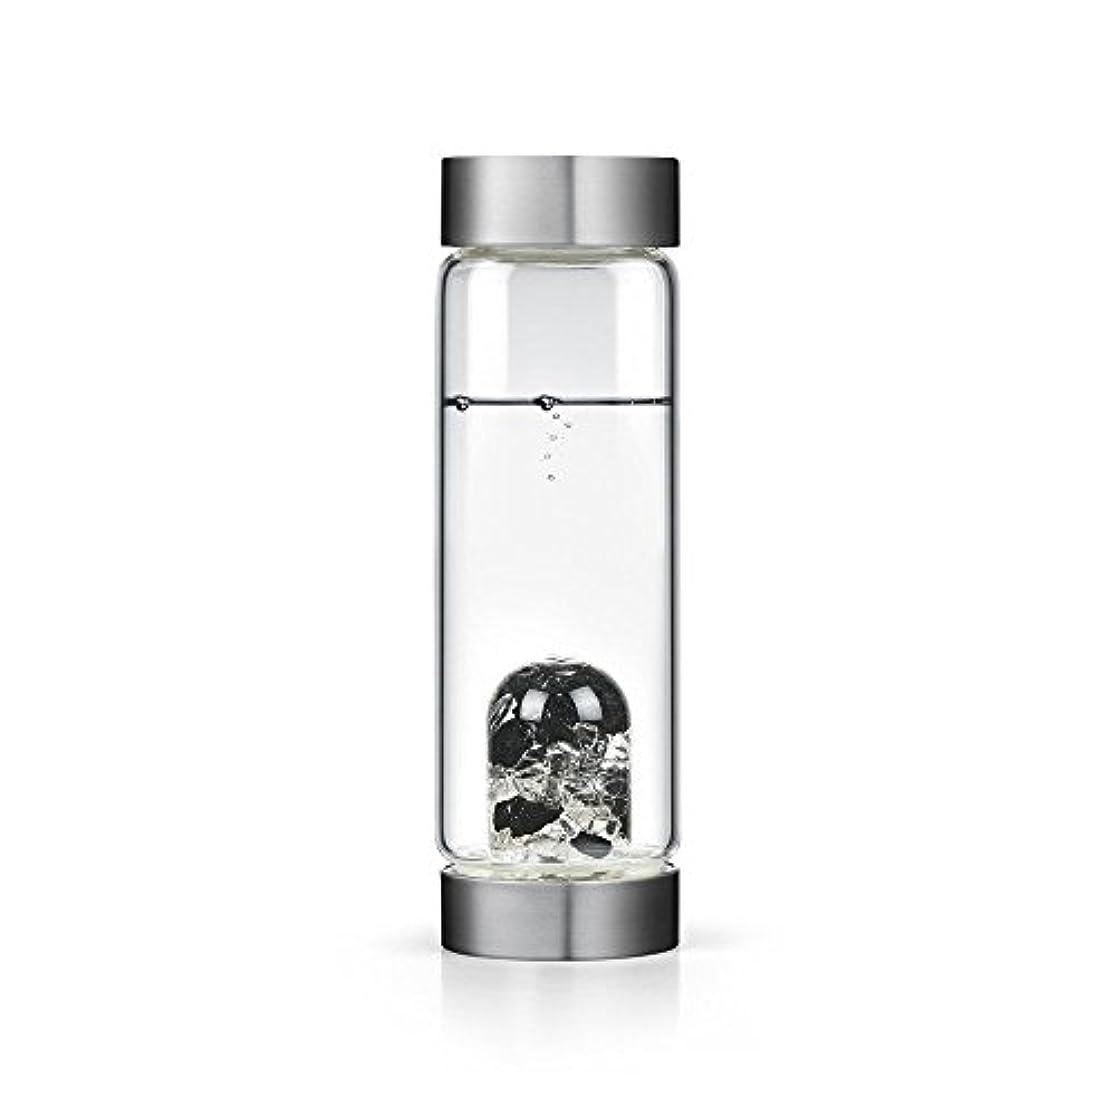 ヘアチャールズキージング水素ビジョンクリスタルエディションgem-waterボトルby VitaJuwel W / Freeカリフォルニアホワイトセージバンドル 16.9 fl oz